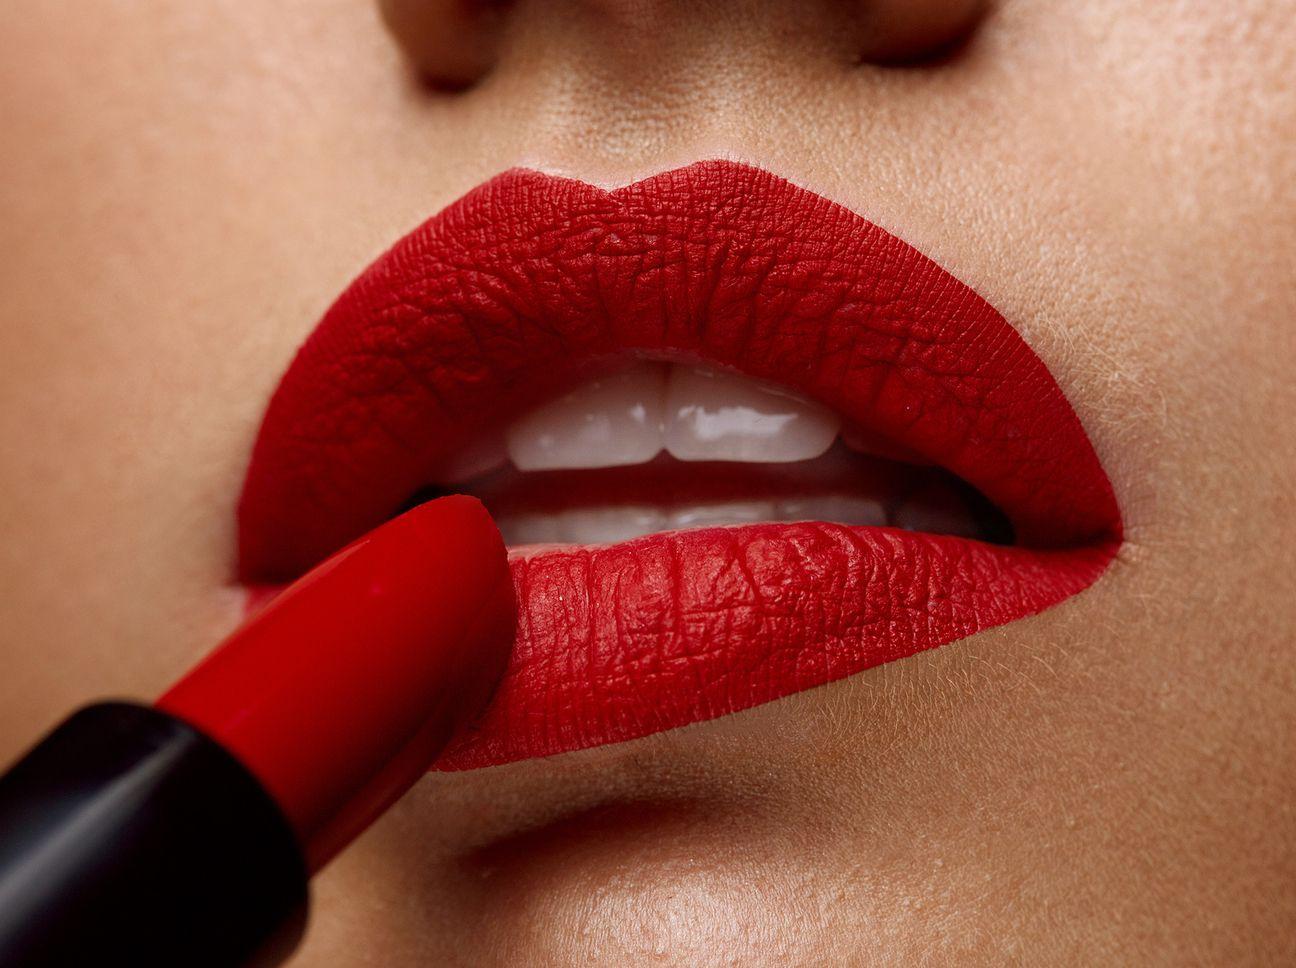 Das ist der beste Lippenstift von dm | Maybelline, Batom